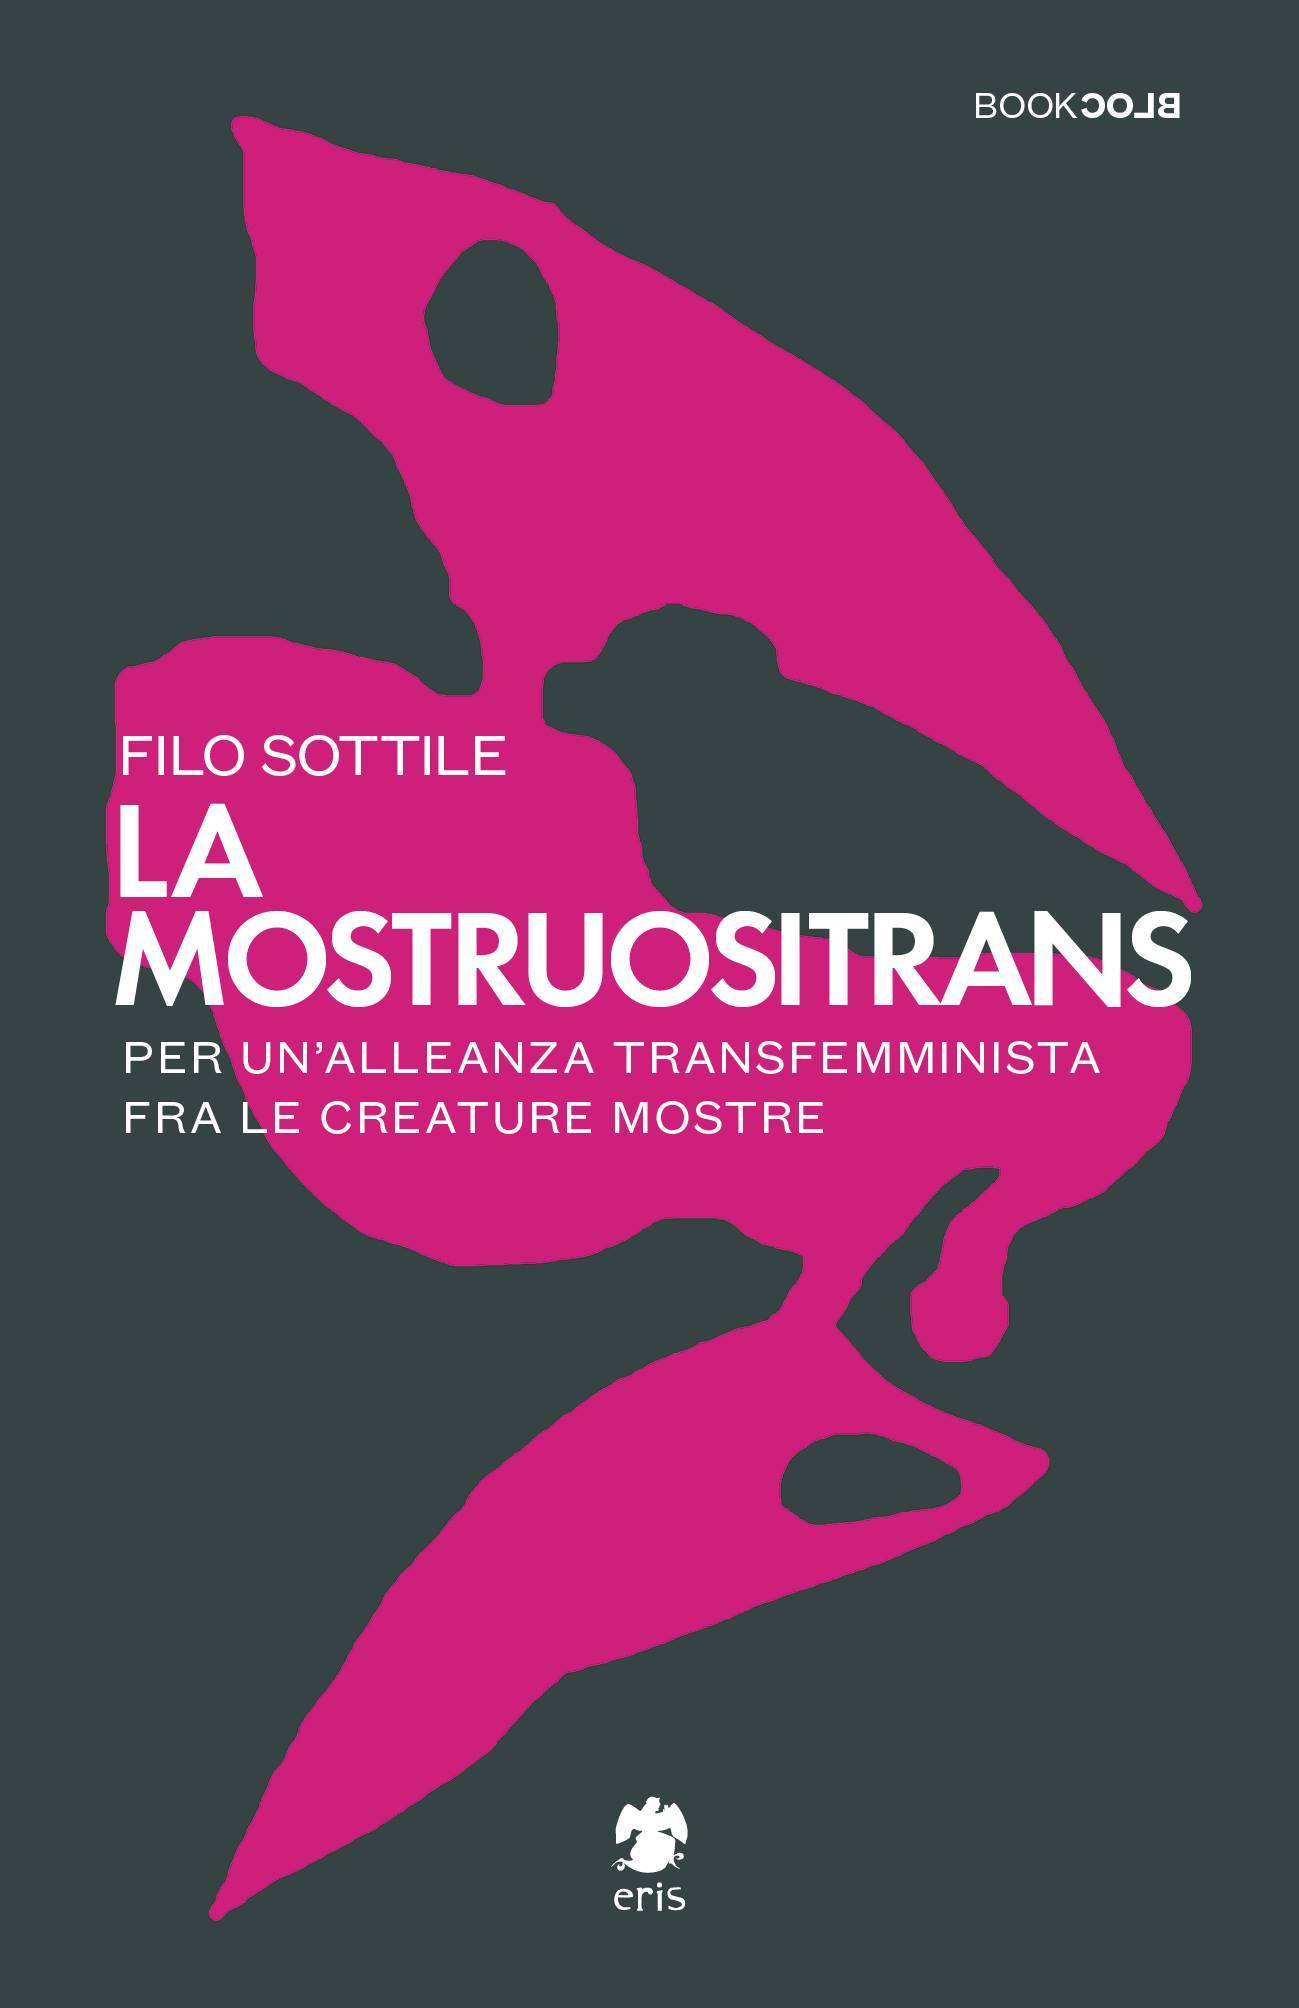 La Mostruositrans